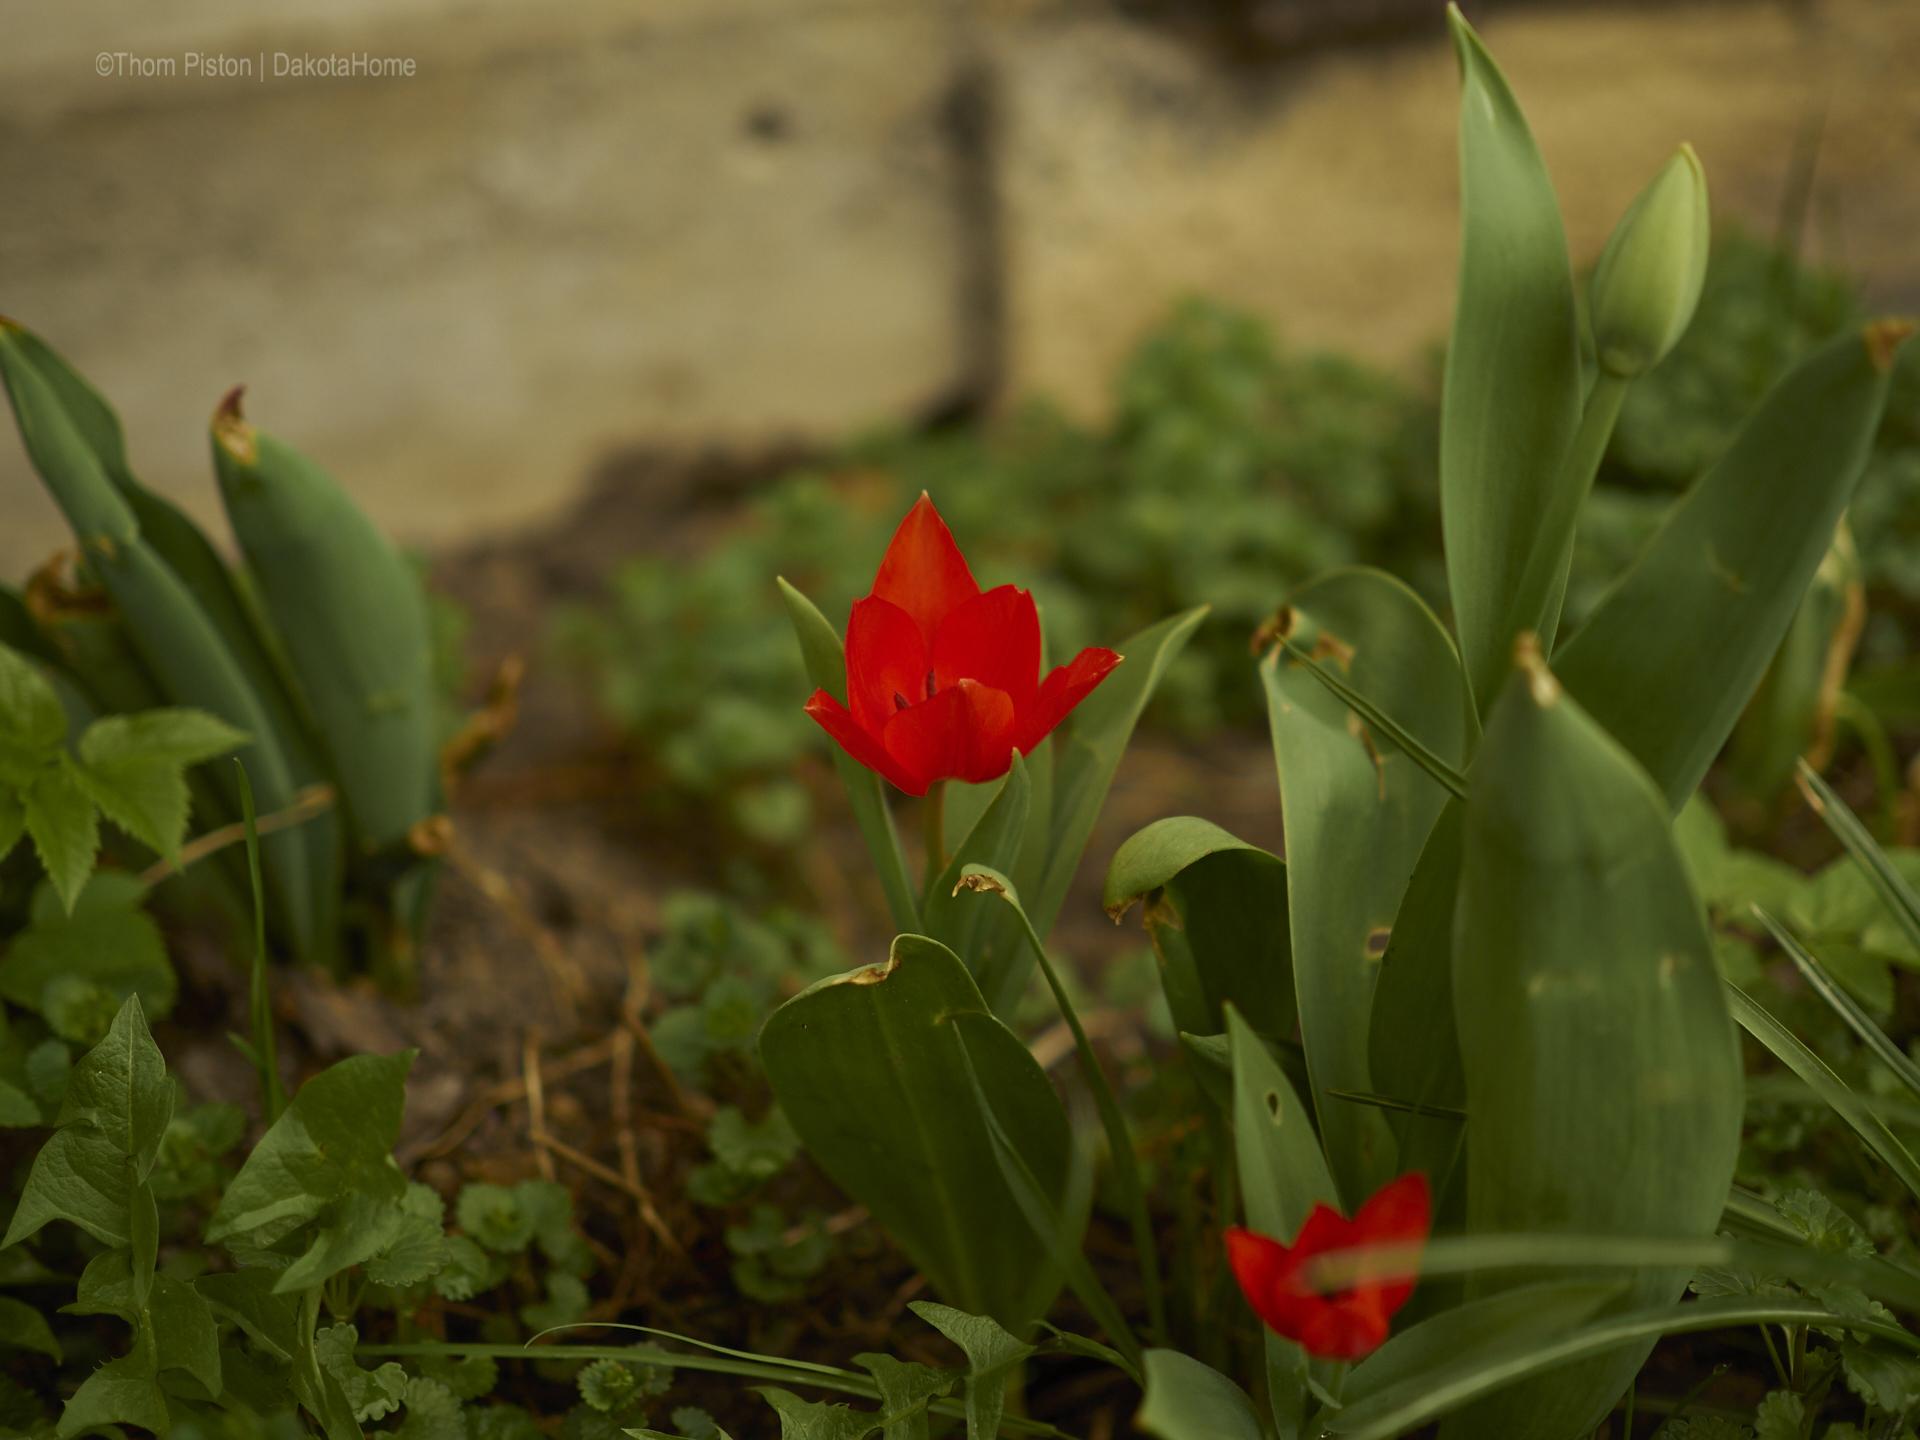 Blumen at Dakota Home